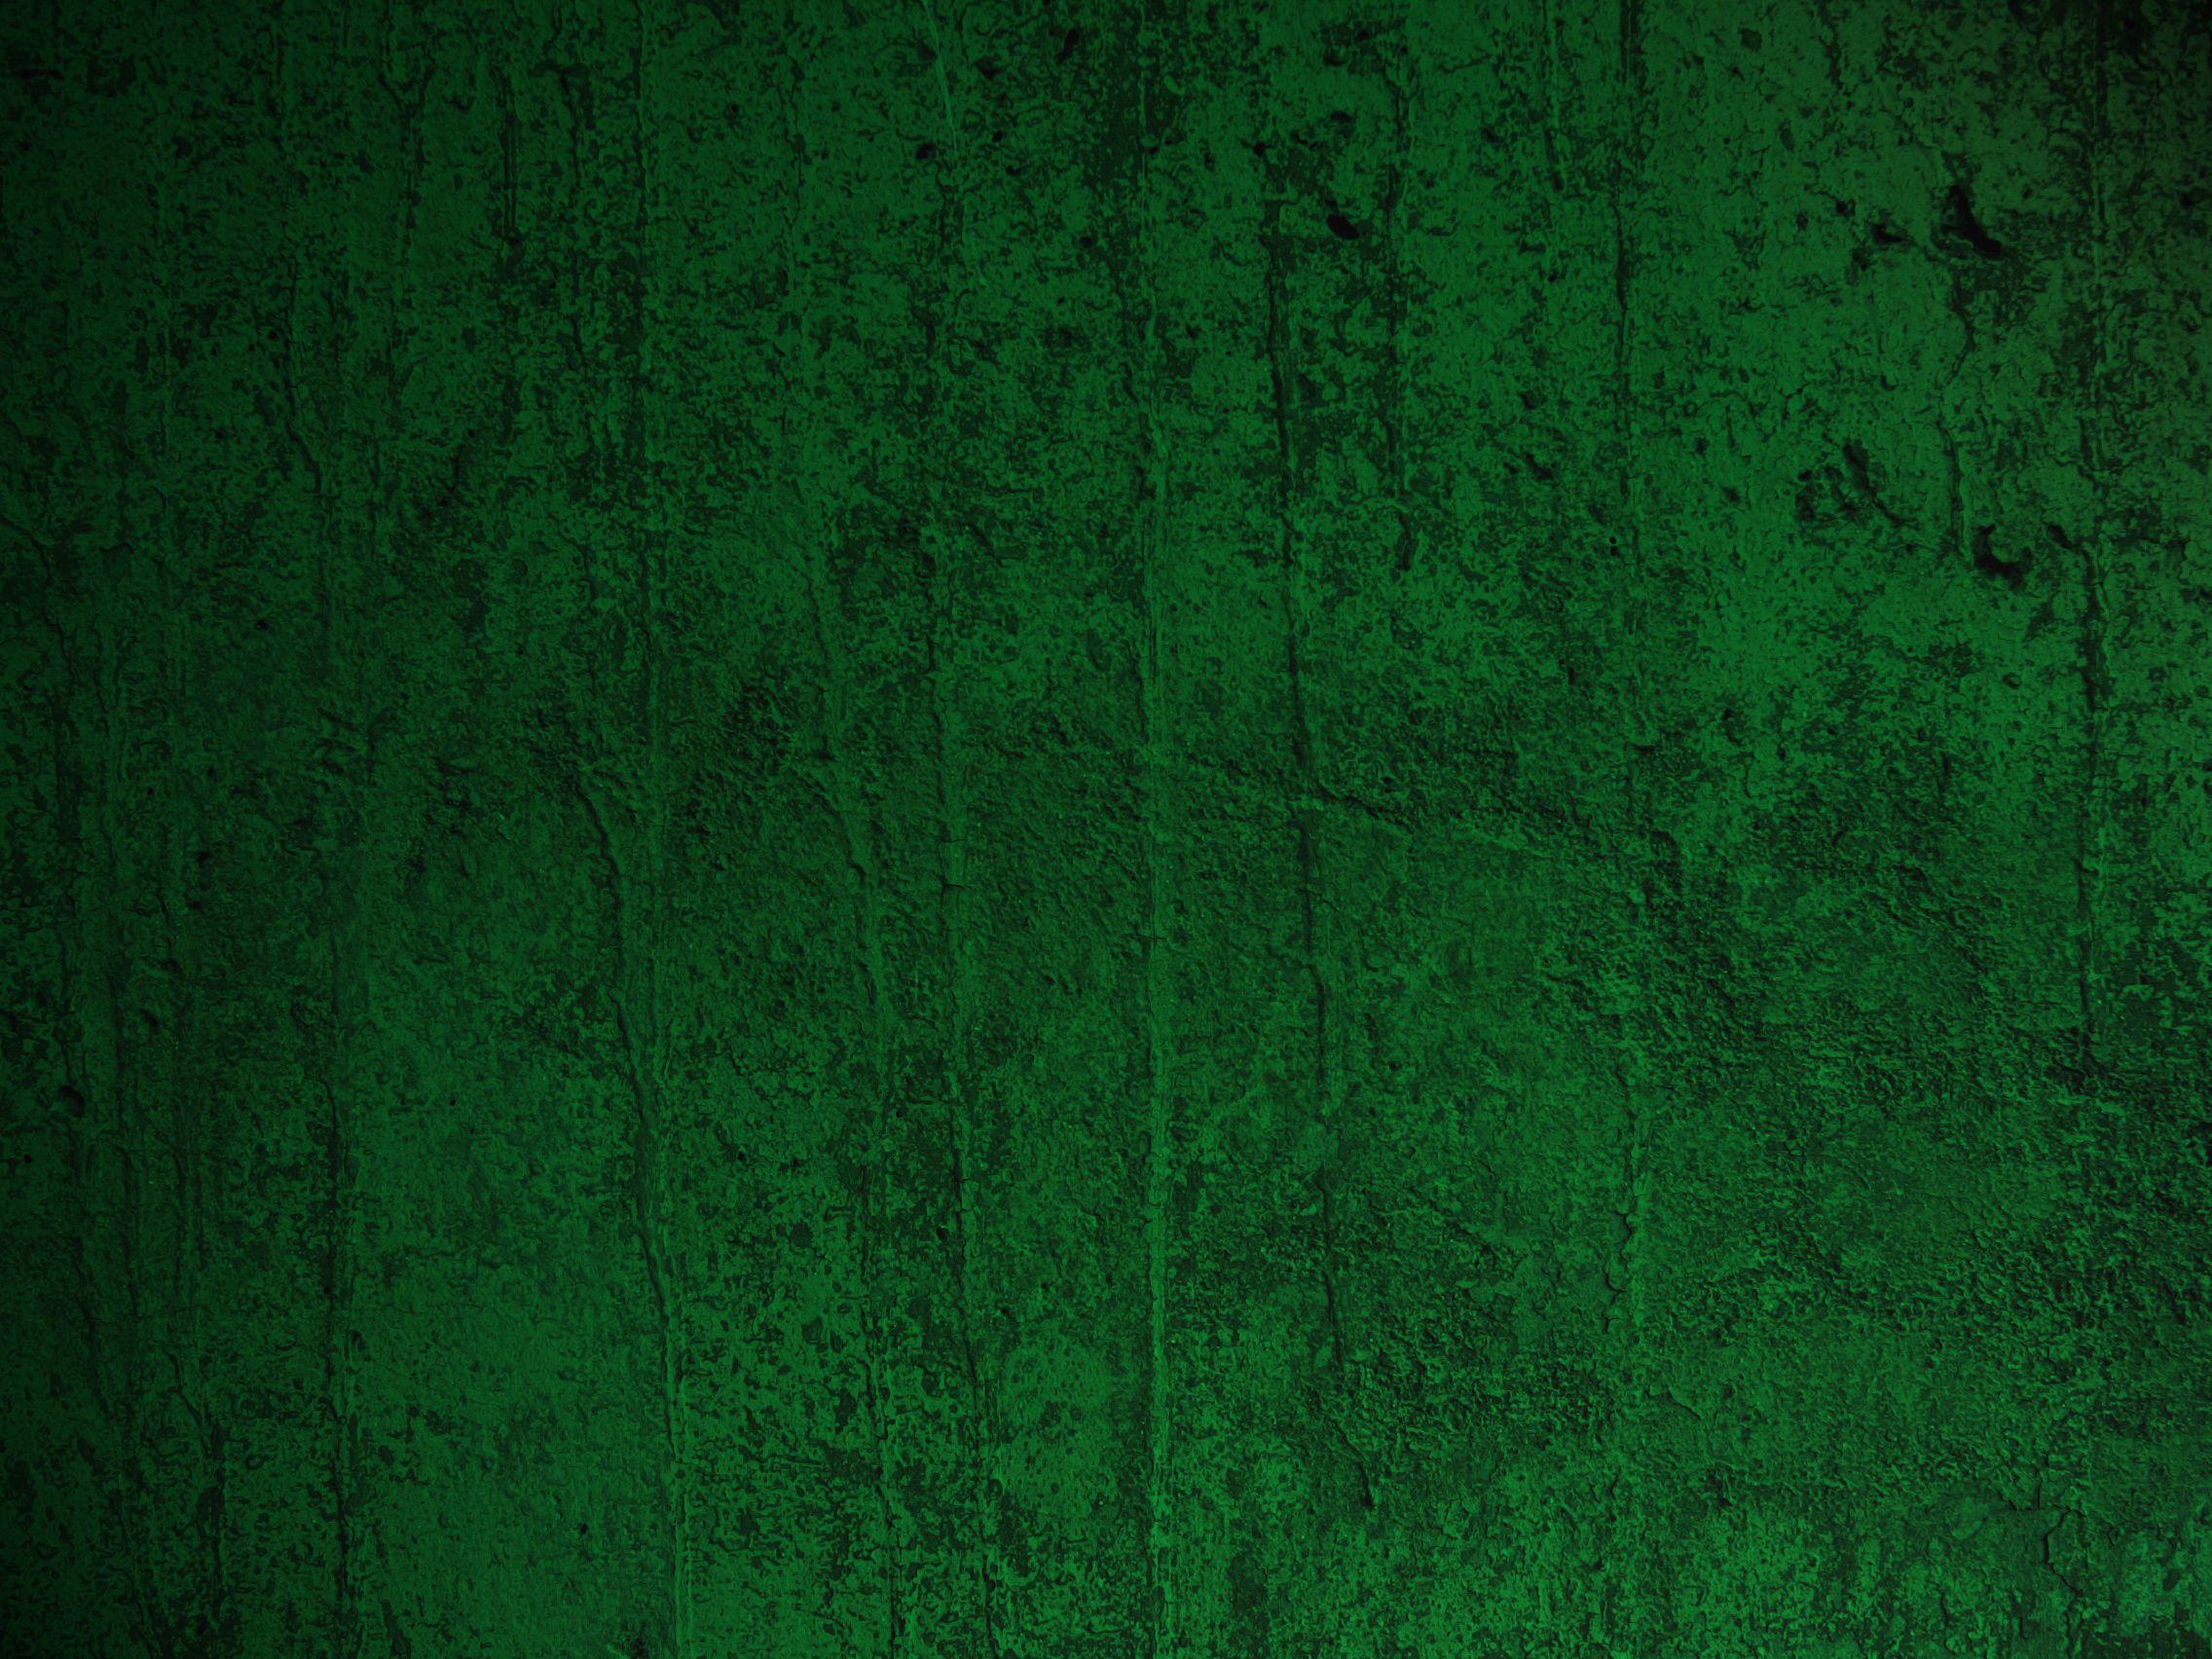 Olive Green Design Backgrounds 065 Dekstop HD Wallpapers 2272x1704